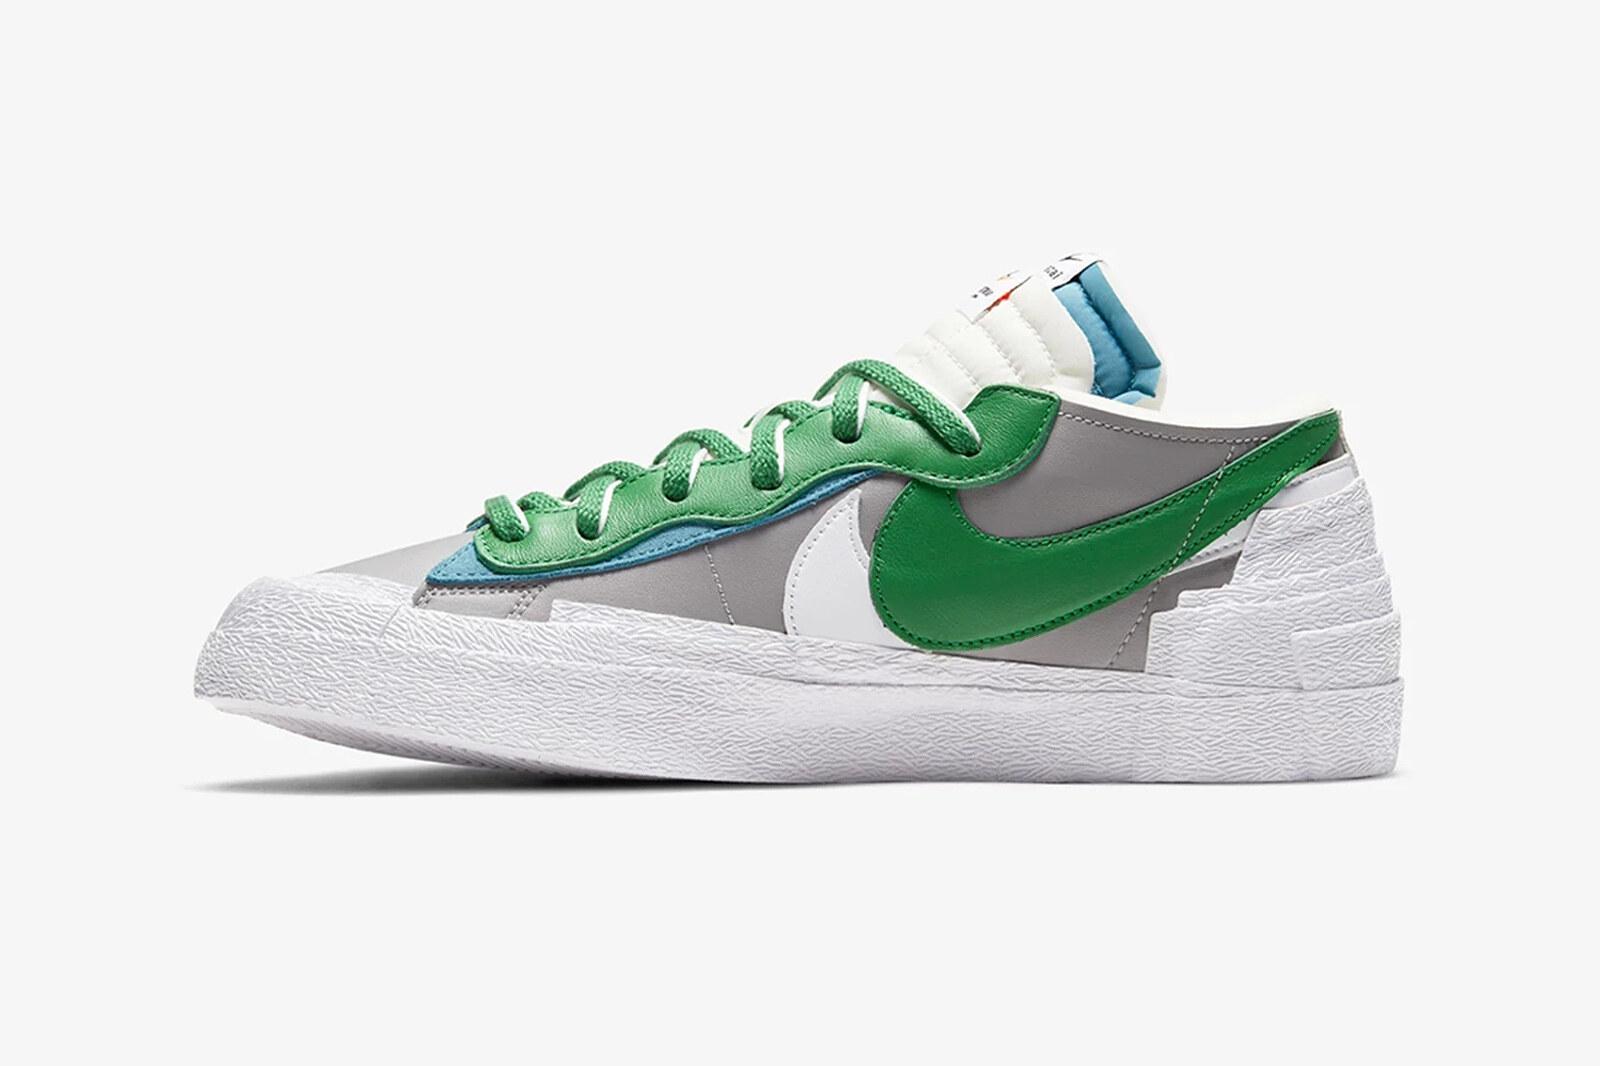 Sacai x Nike Blazer Low Classic Green